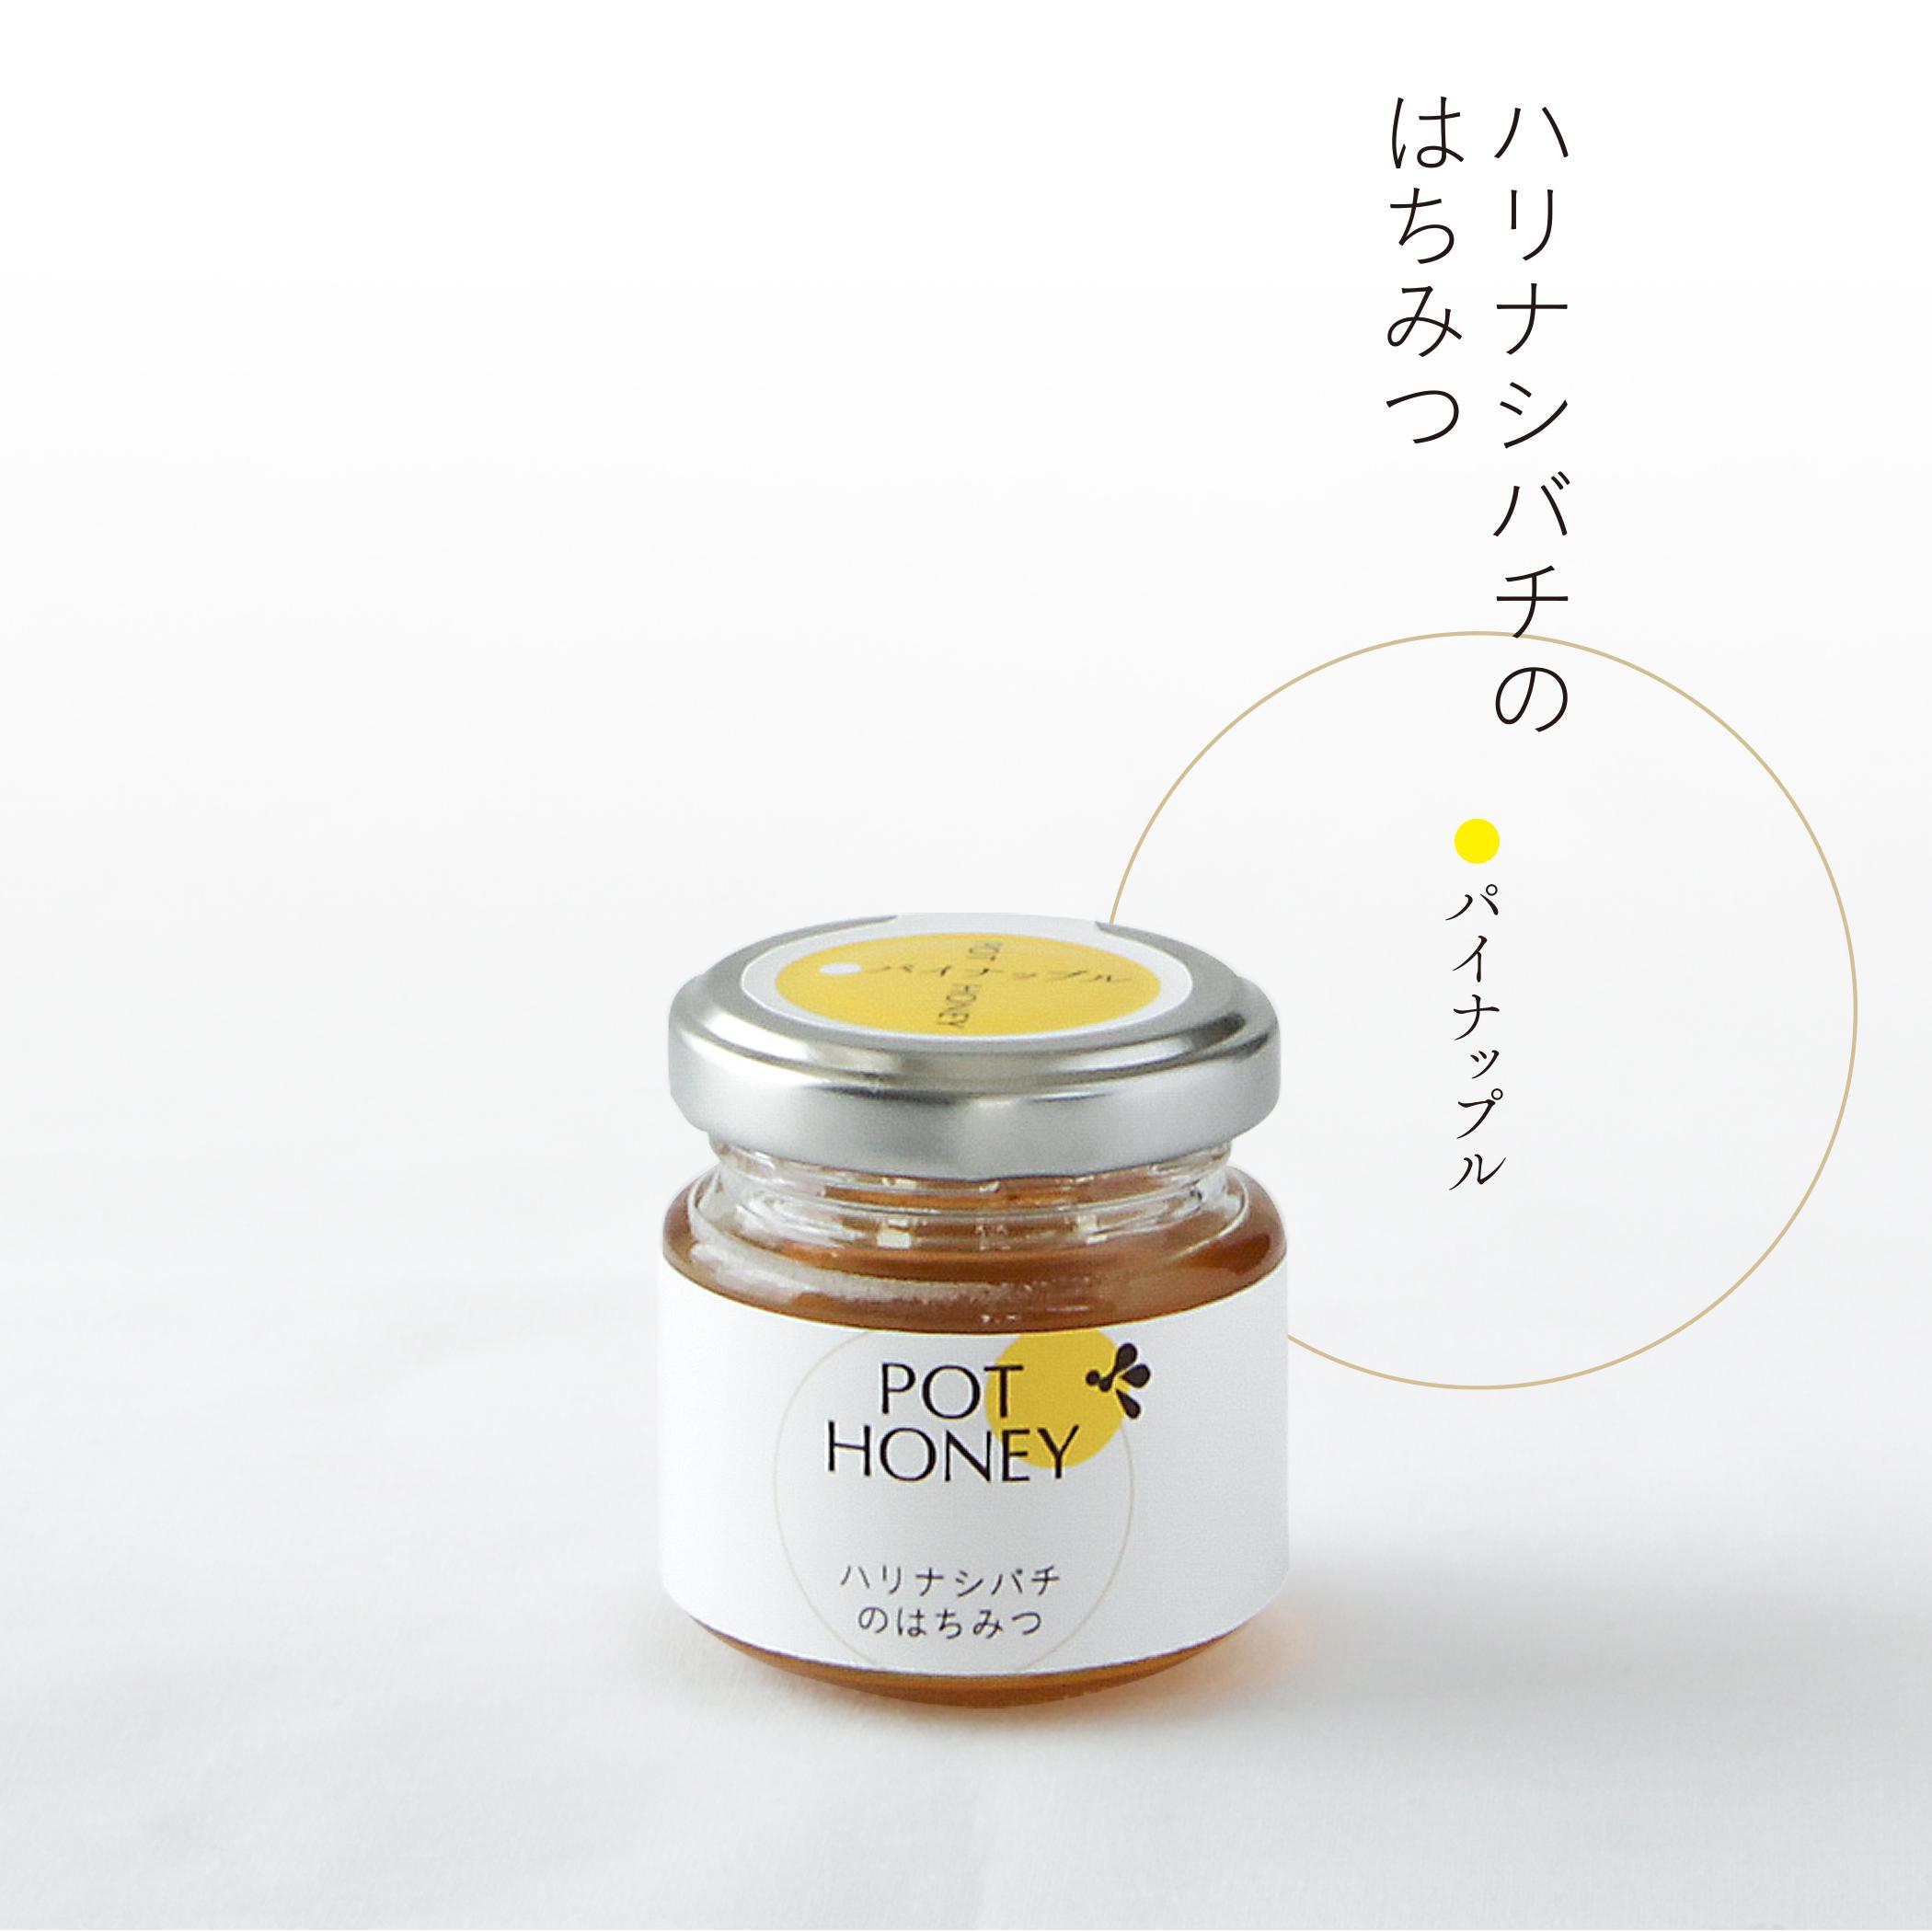 ハリナシバチの蜂蜜  POT HONEY パイナップル 40g